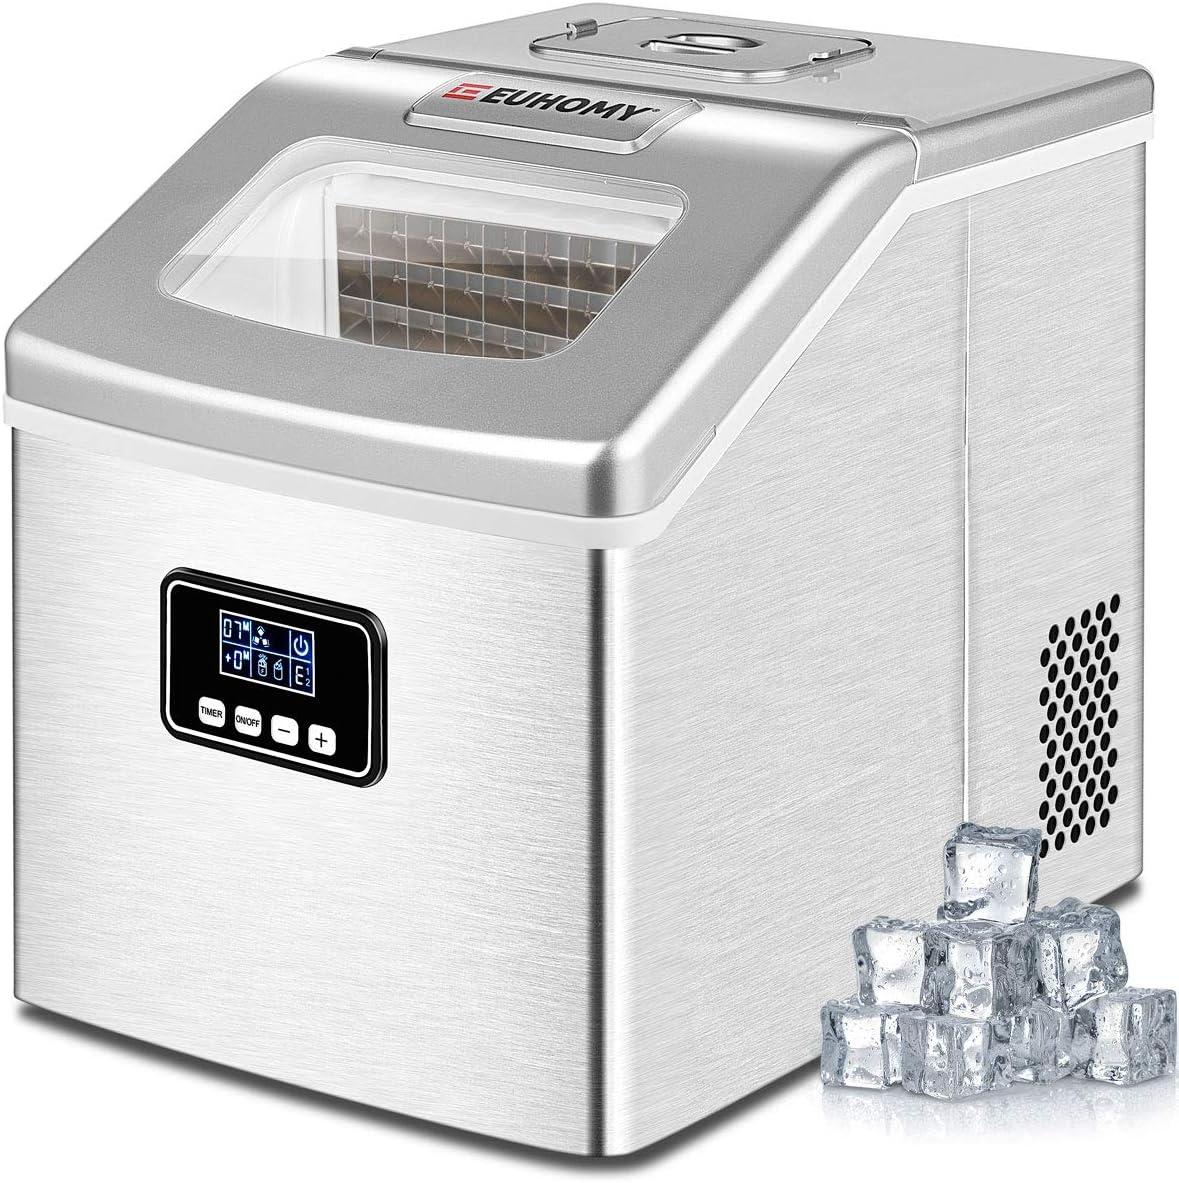 Euhomy 40lbs Portable Countertop Ice Maker